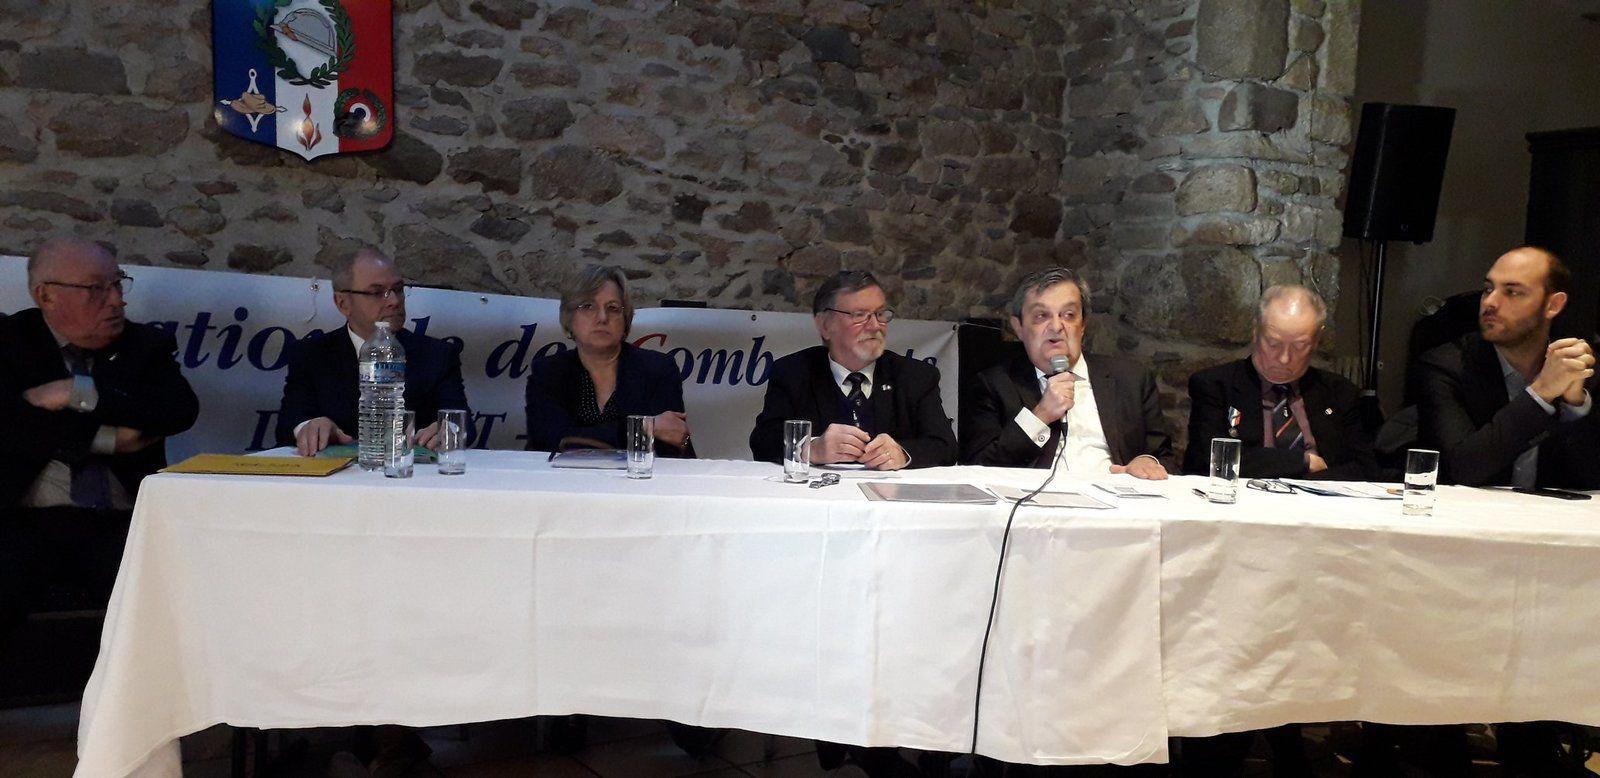 Assemblée Générale Statutaire de la section UNC de St Malo le 19 janvier 2020 (Les Mauriers, Saint Malo)